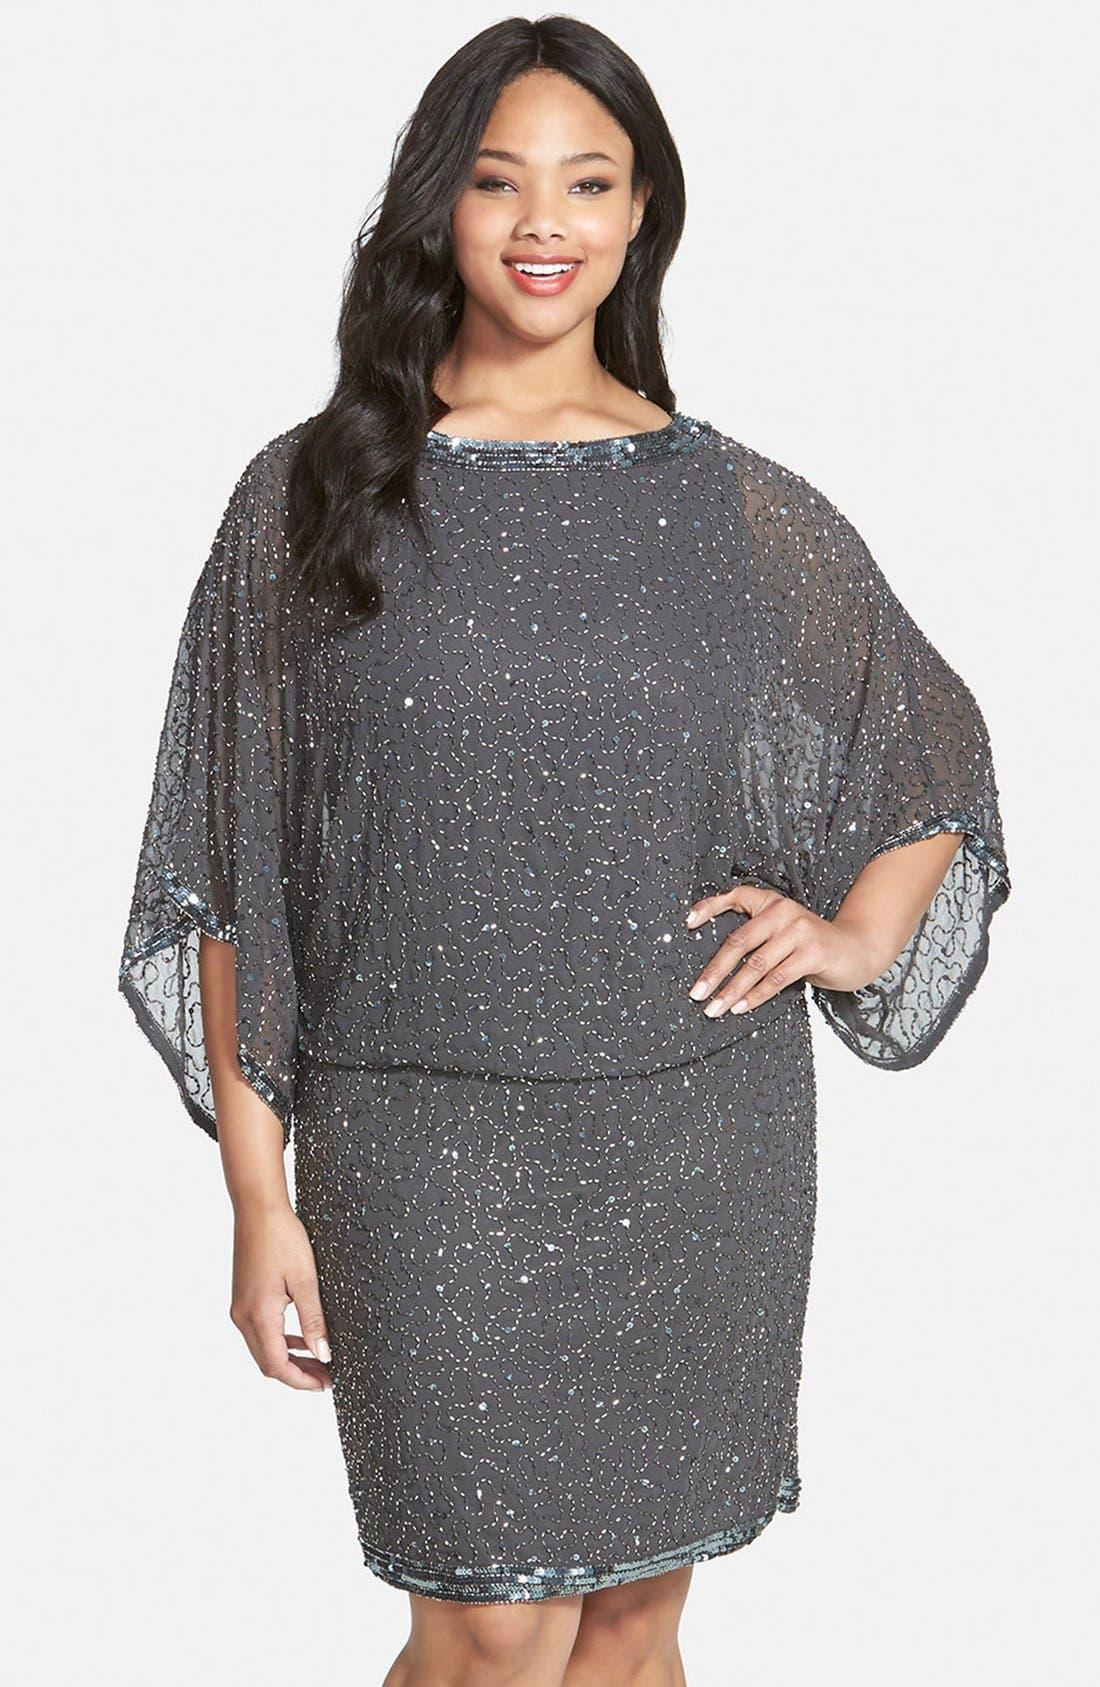 Plus size blouson cocktail dress